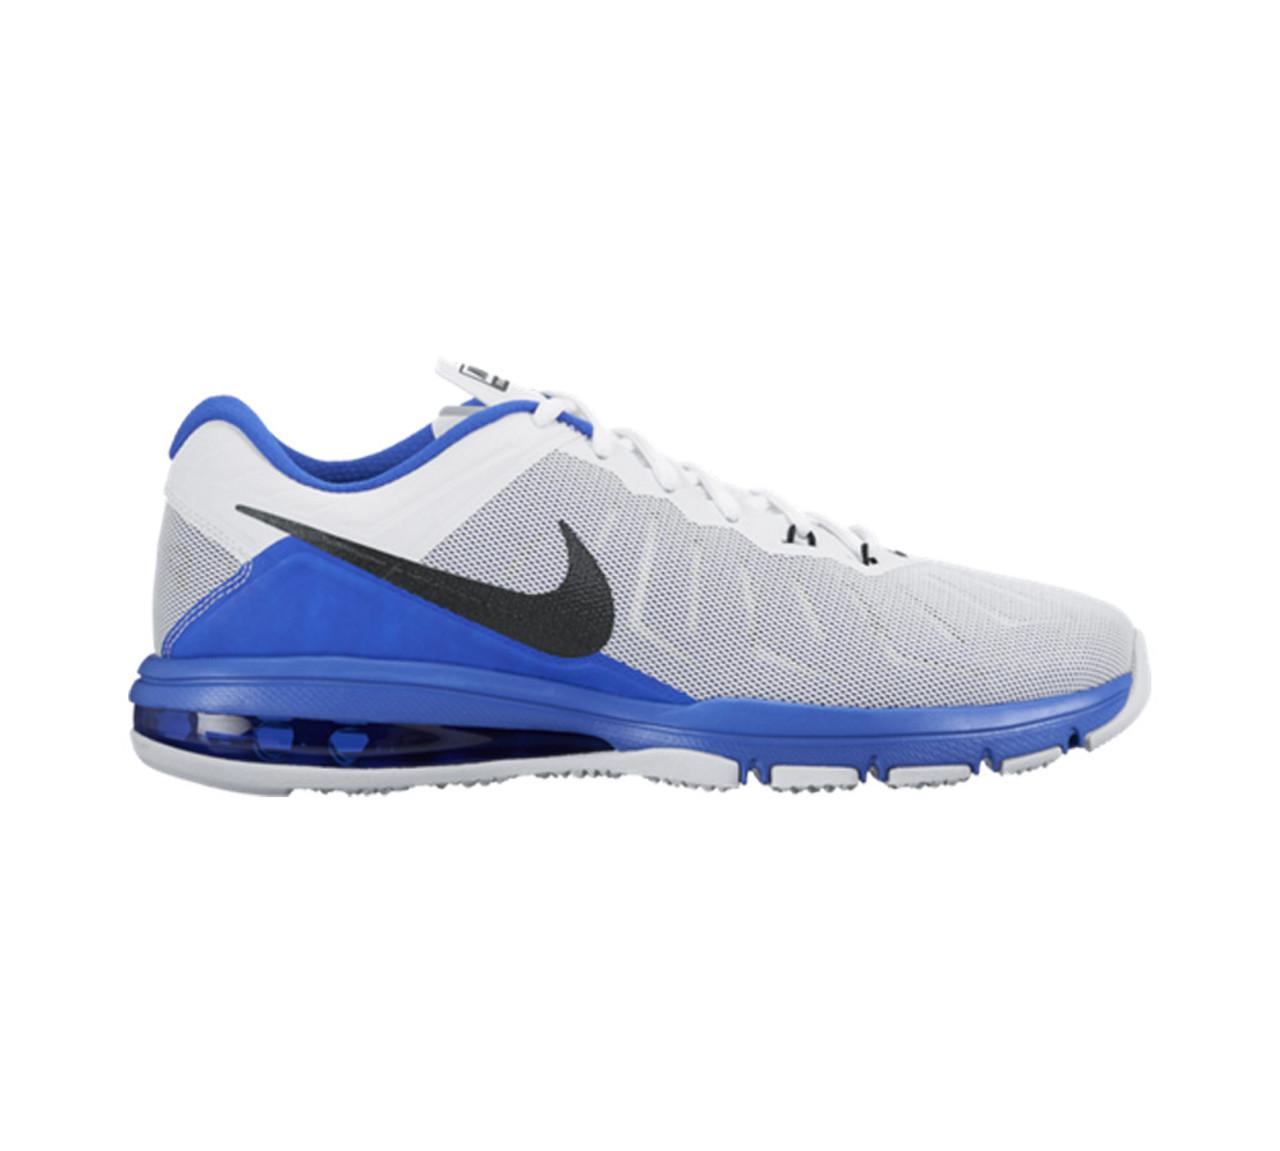   Nike Men's Air Max Full Ride TR Cross Trainer